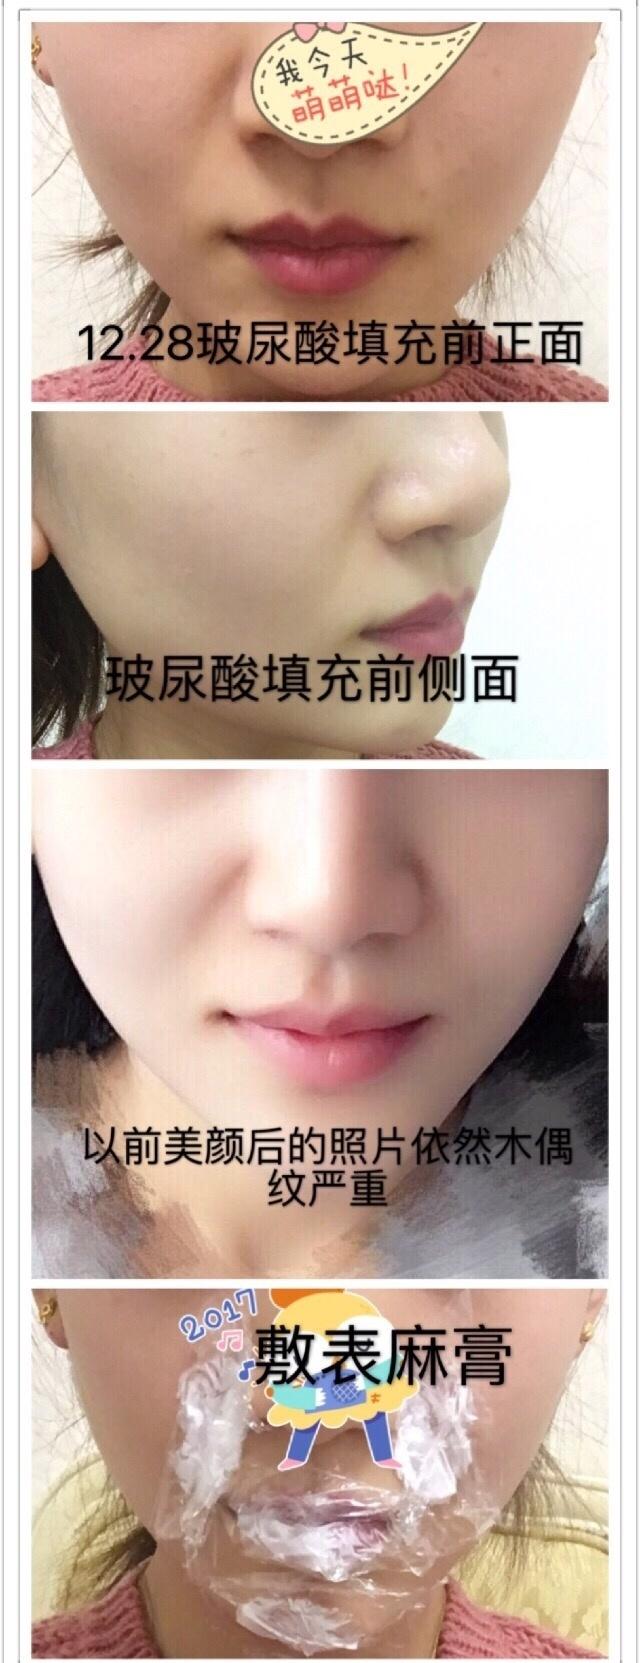 北京伊美尔美容健翔整形注射玻尿酸+瘦脸针案例 价格是6323元